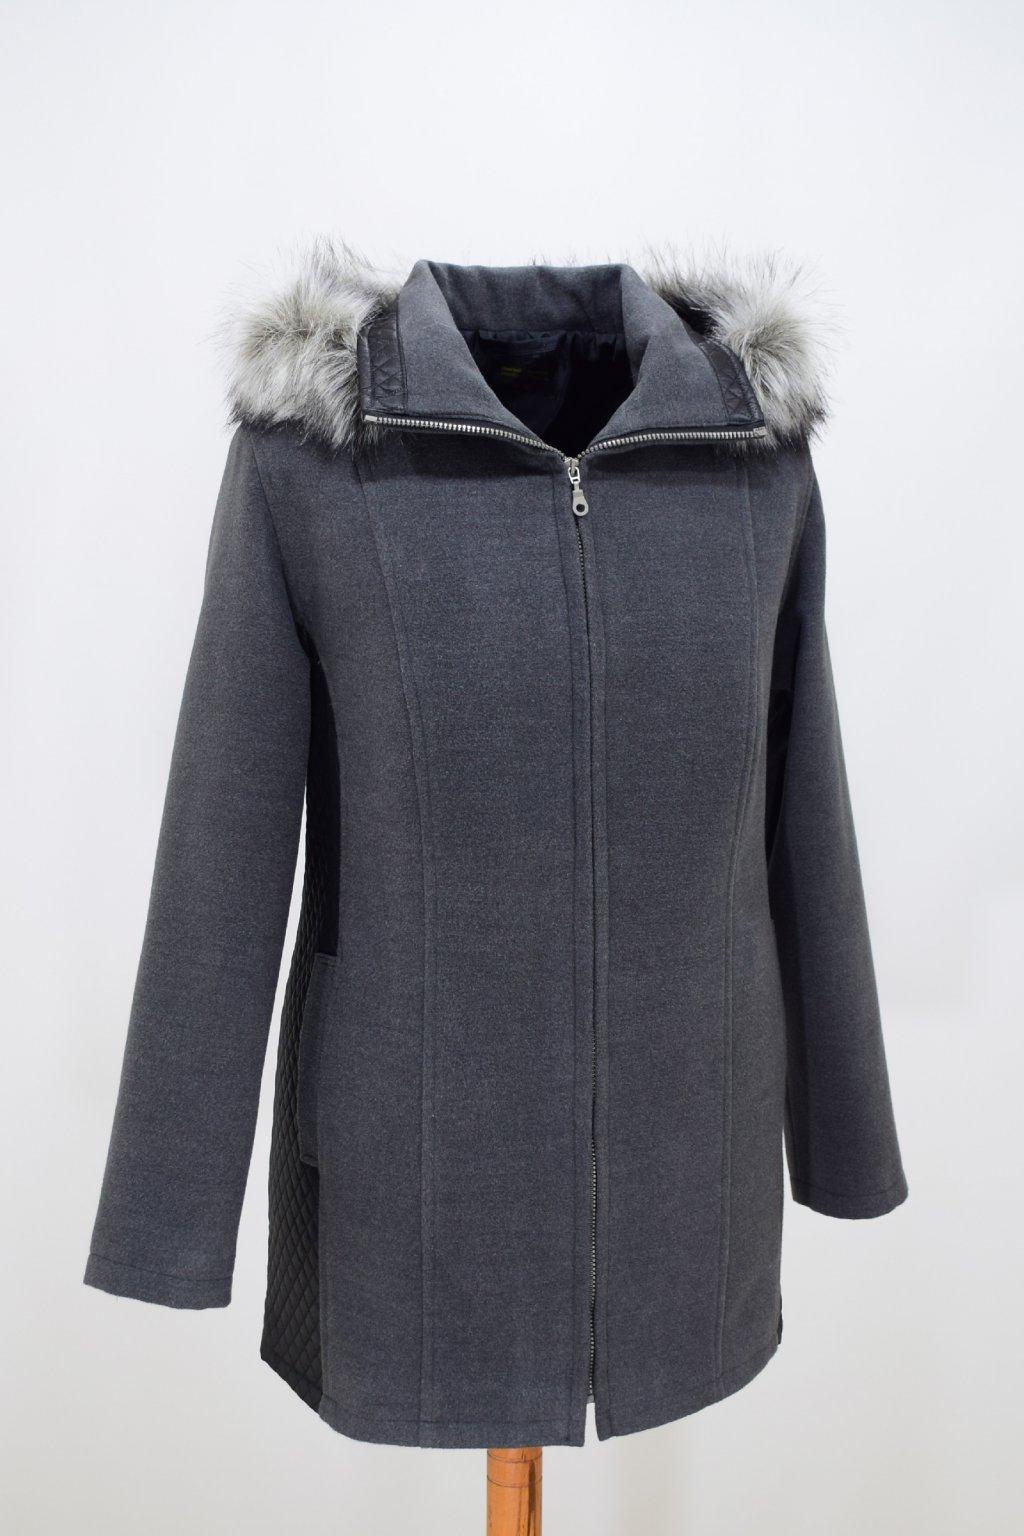 Dámský šedý zimní kabátek Frída nadměrné velikosti.